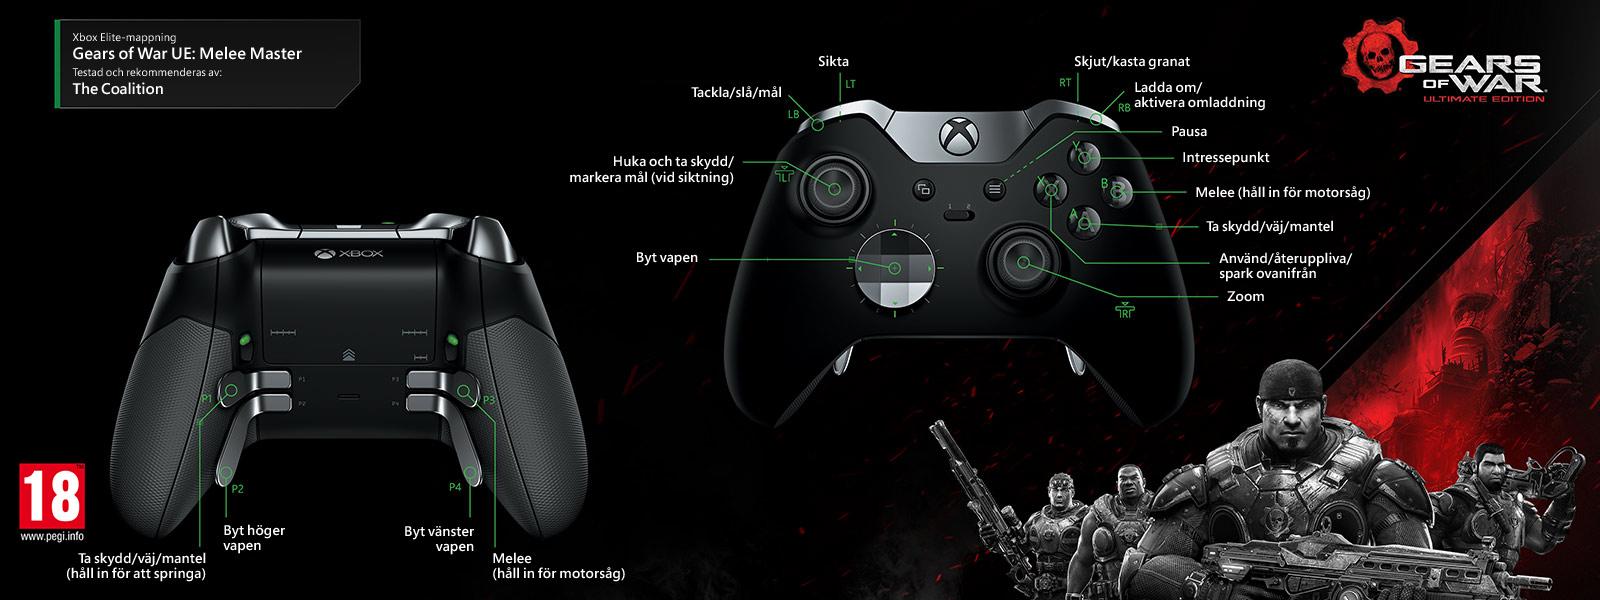 Gears of Wars Ultimate Edition – Elite-mappning för Melee Master Multiplayer